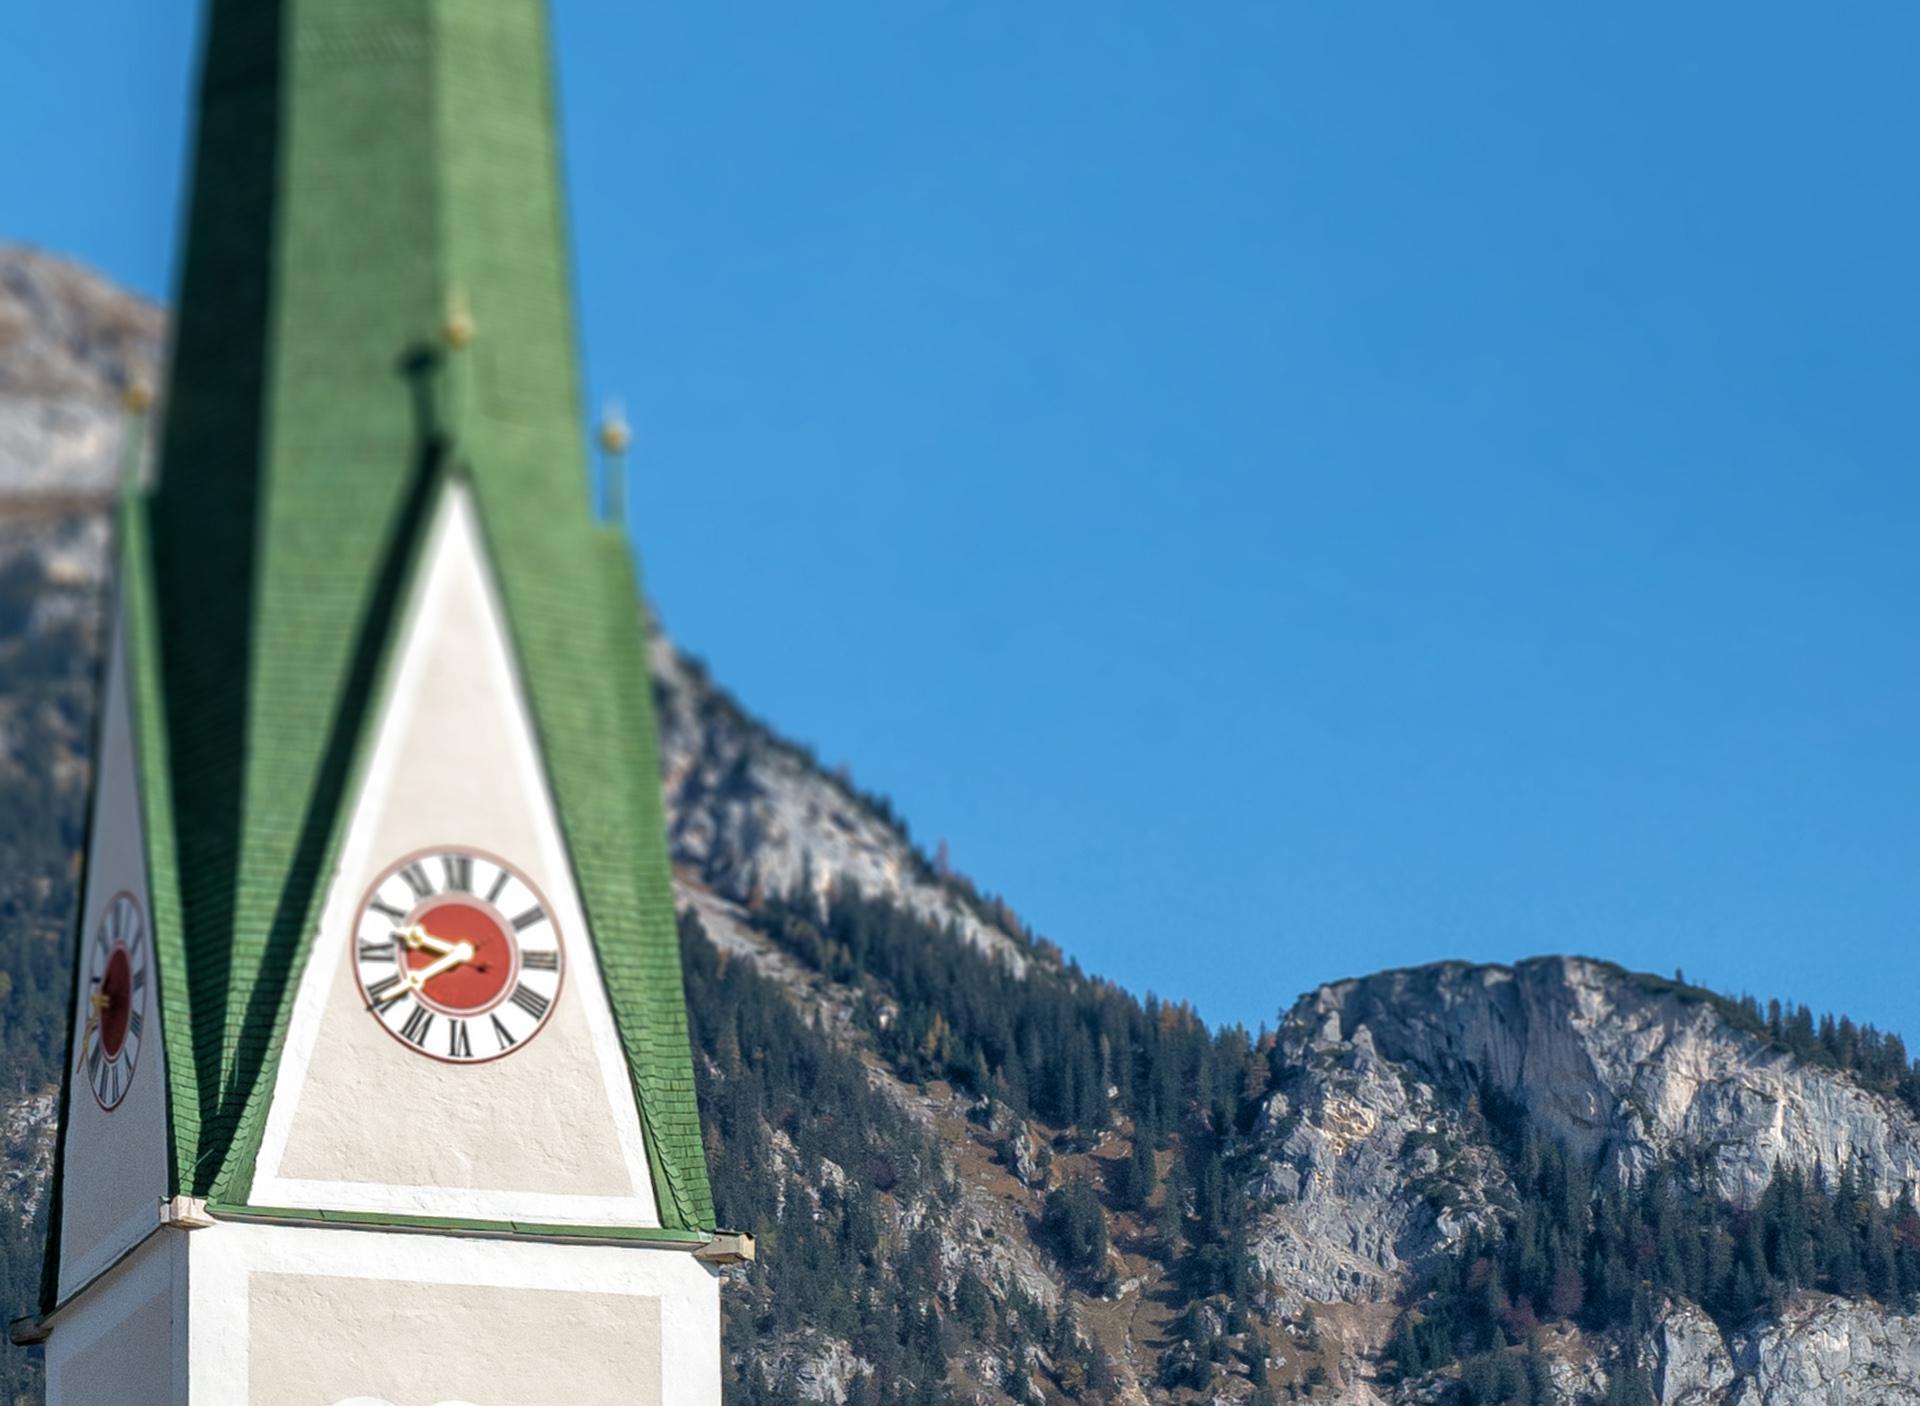 Dorfwirt-Kirchturm2